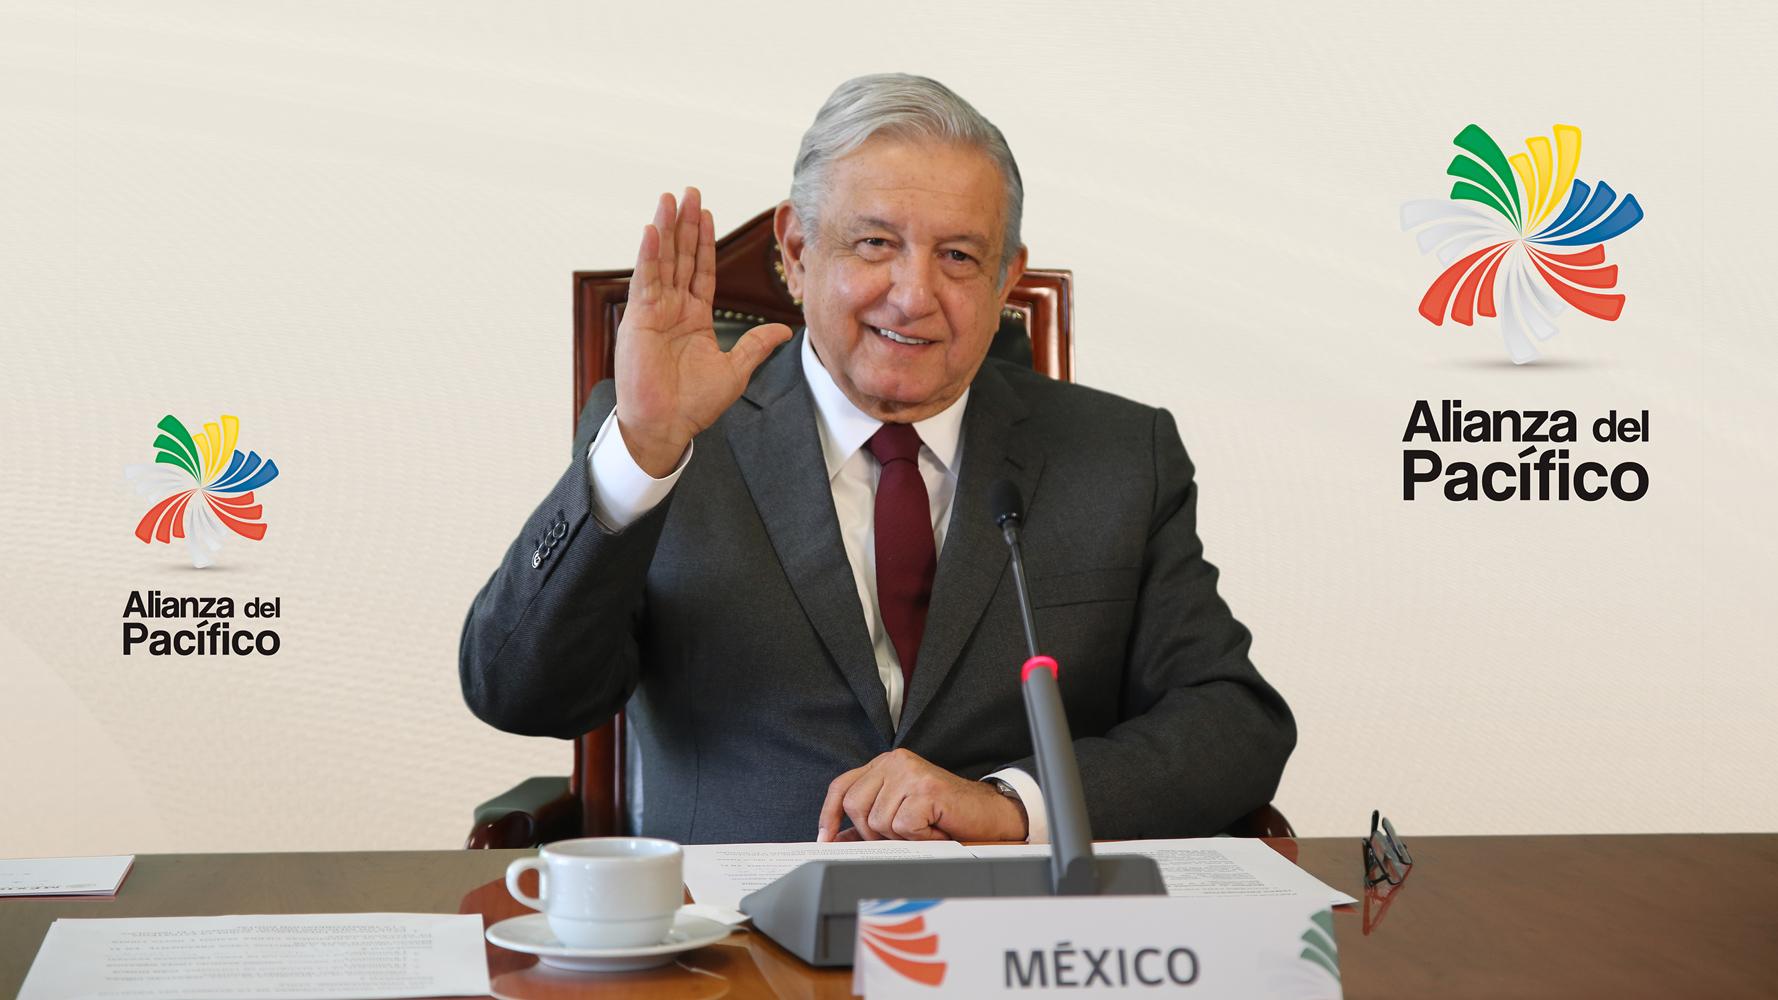 """""""Tenemos que reinventarnos"""", exhorta AMLO a Alianza del Pacífico"""